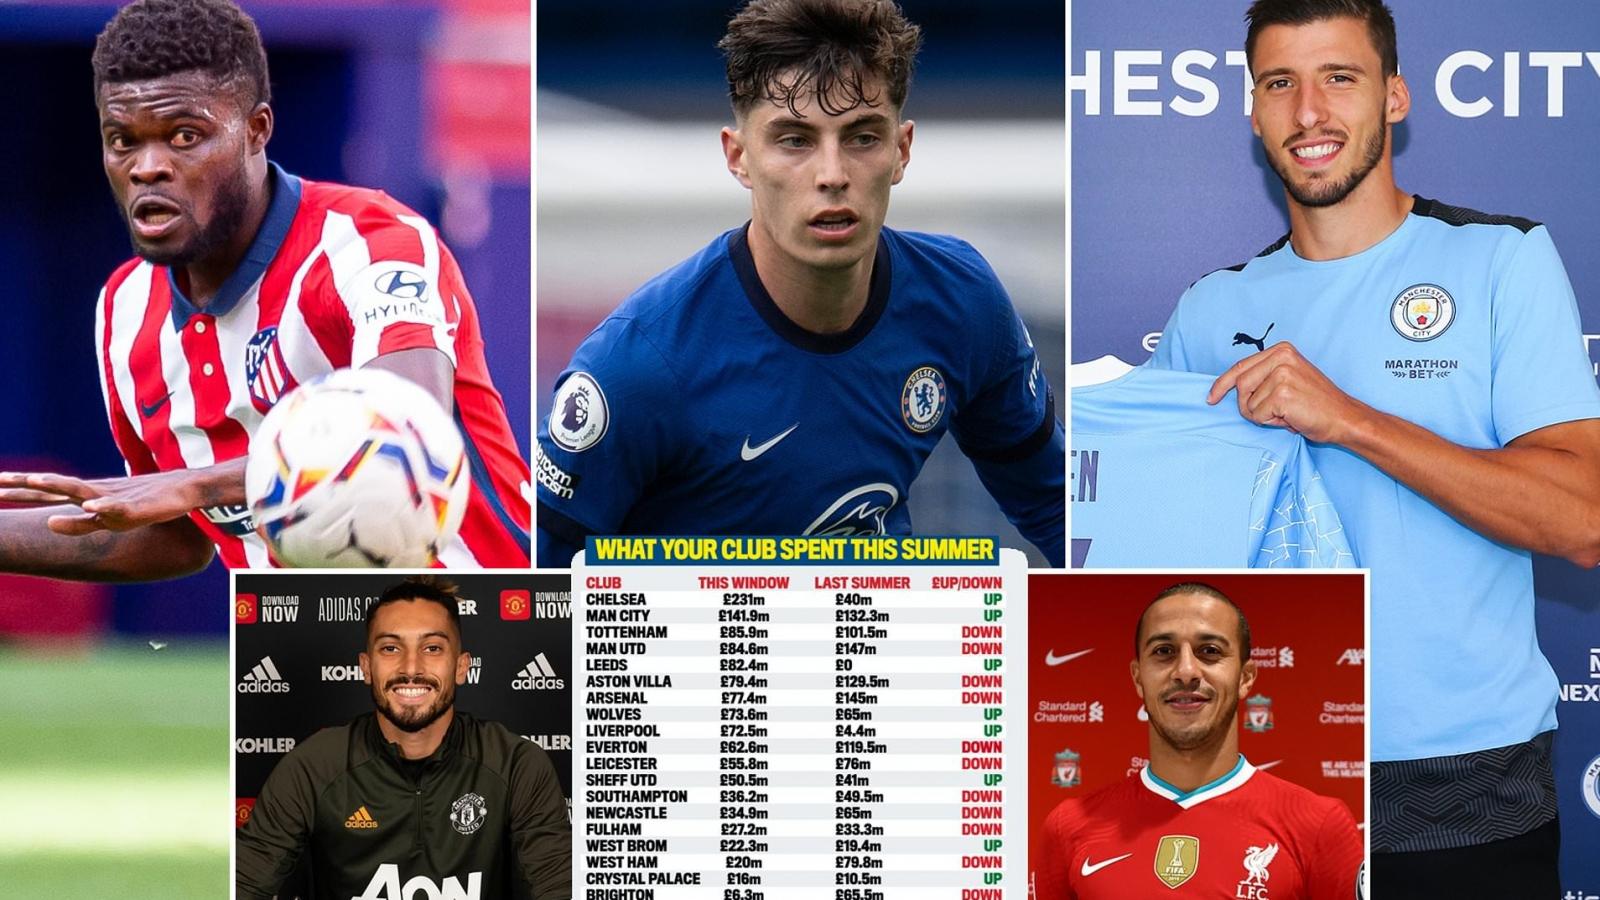 Chuyển nhượng hè 2020: Premier League chi hơn 1,2 tỷ Bảng để mua sắm